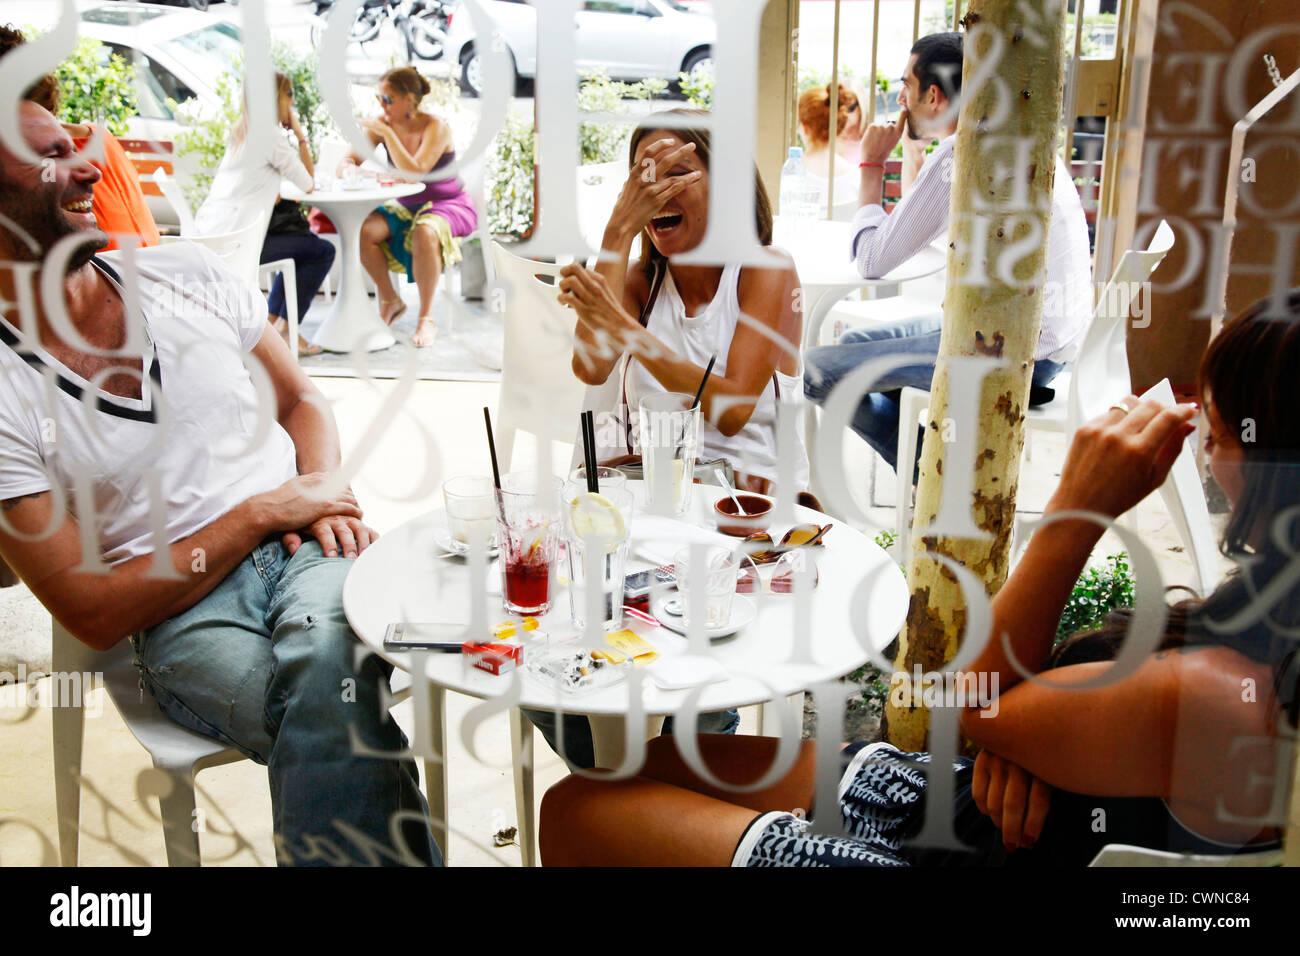 La gente seduta in corrispondenza dei contrassegni Cafe nell'area alla moda di Palermo Viejo noto come Soho. Immagini Stock